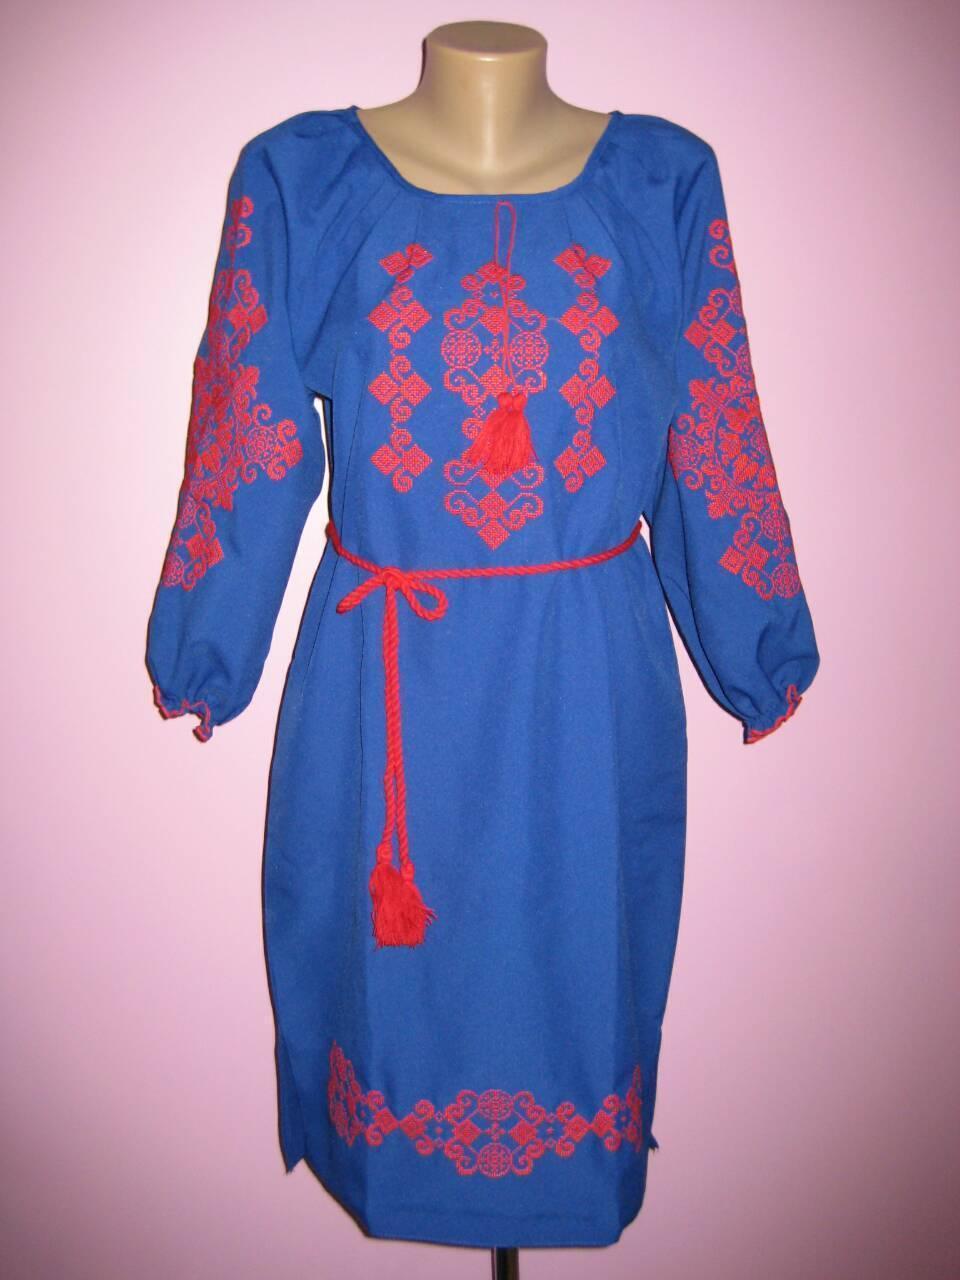 Красивое вышитое платье с орнаментом размер 46, 48, 50, 52, 54, 56